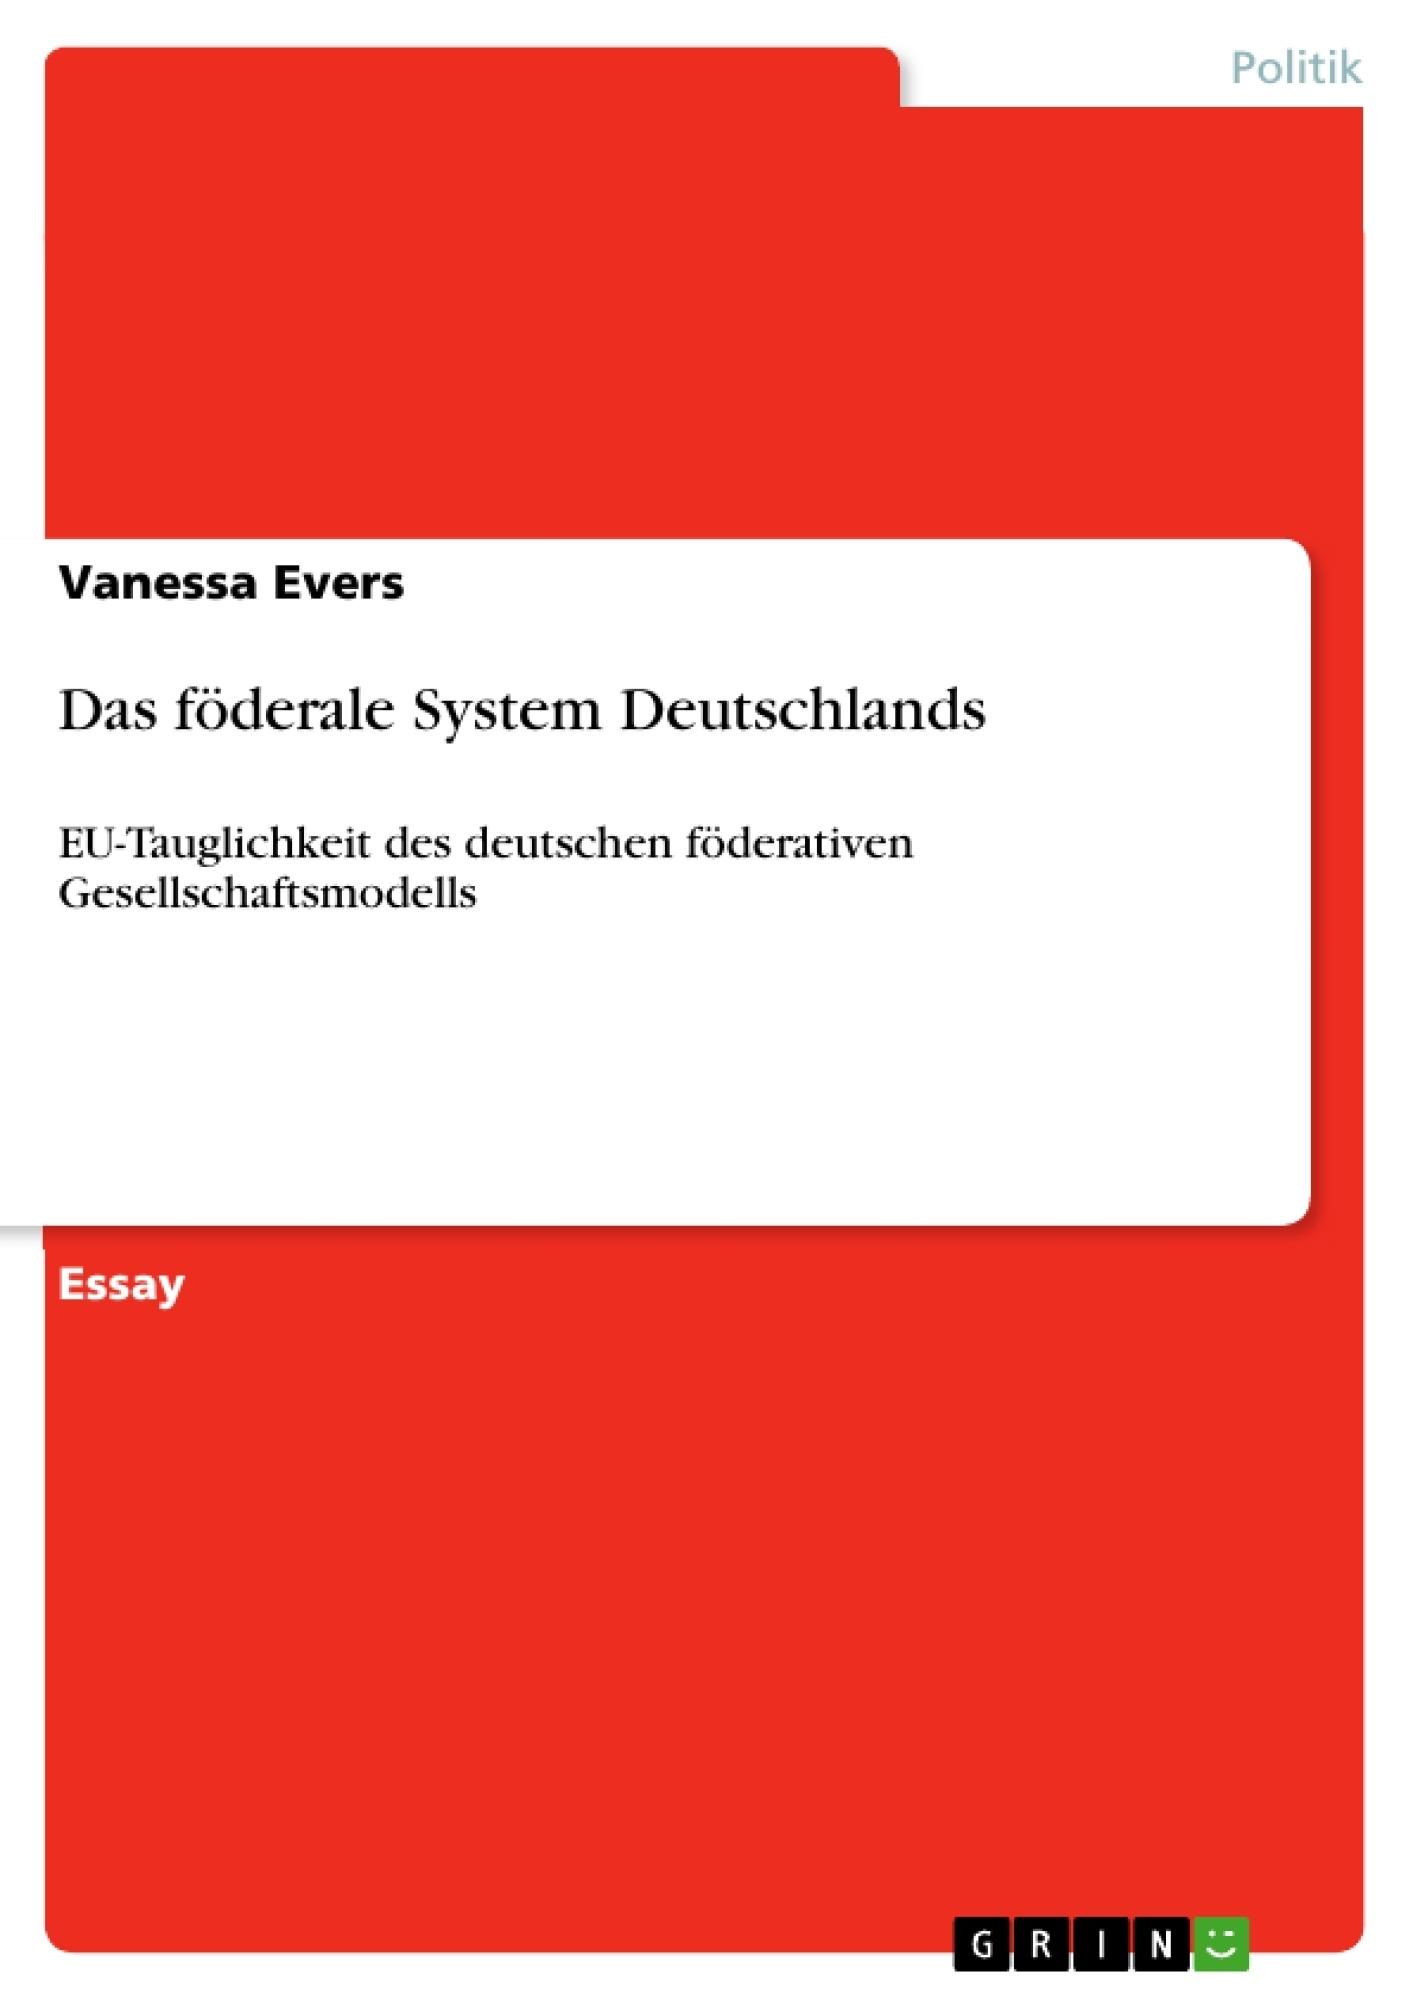 Titel: Das föderale System Deutschlands